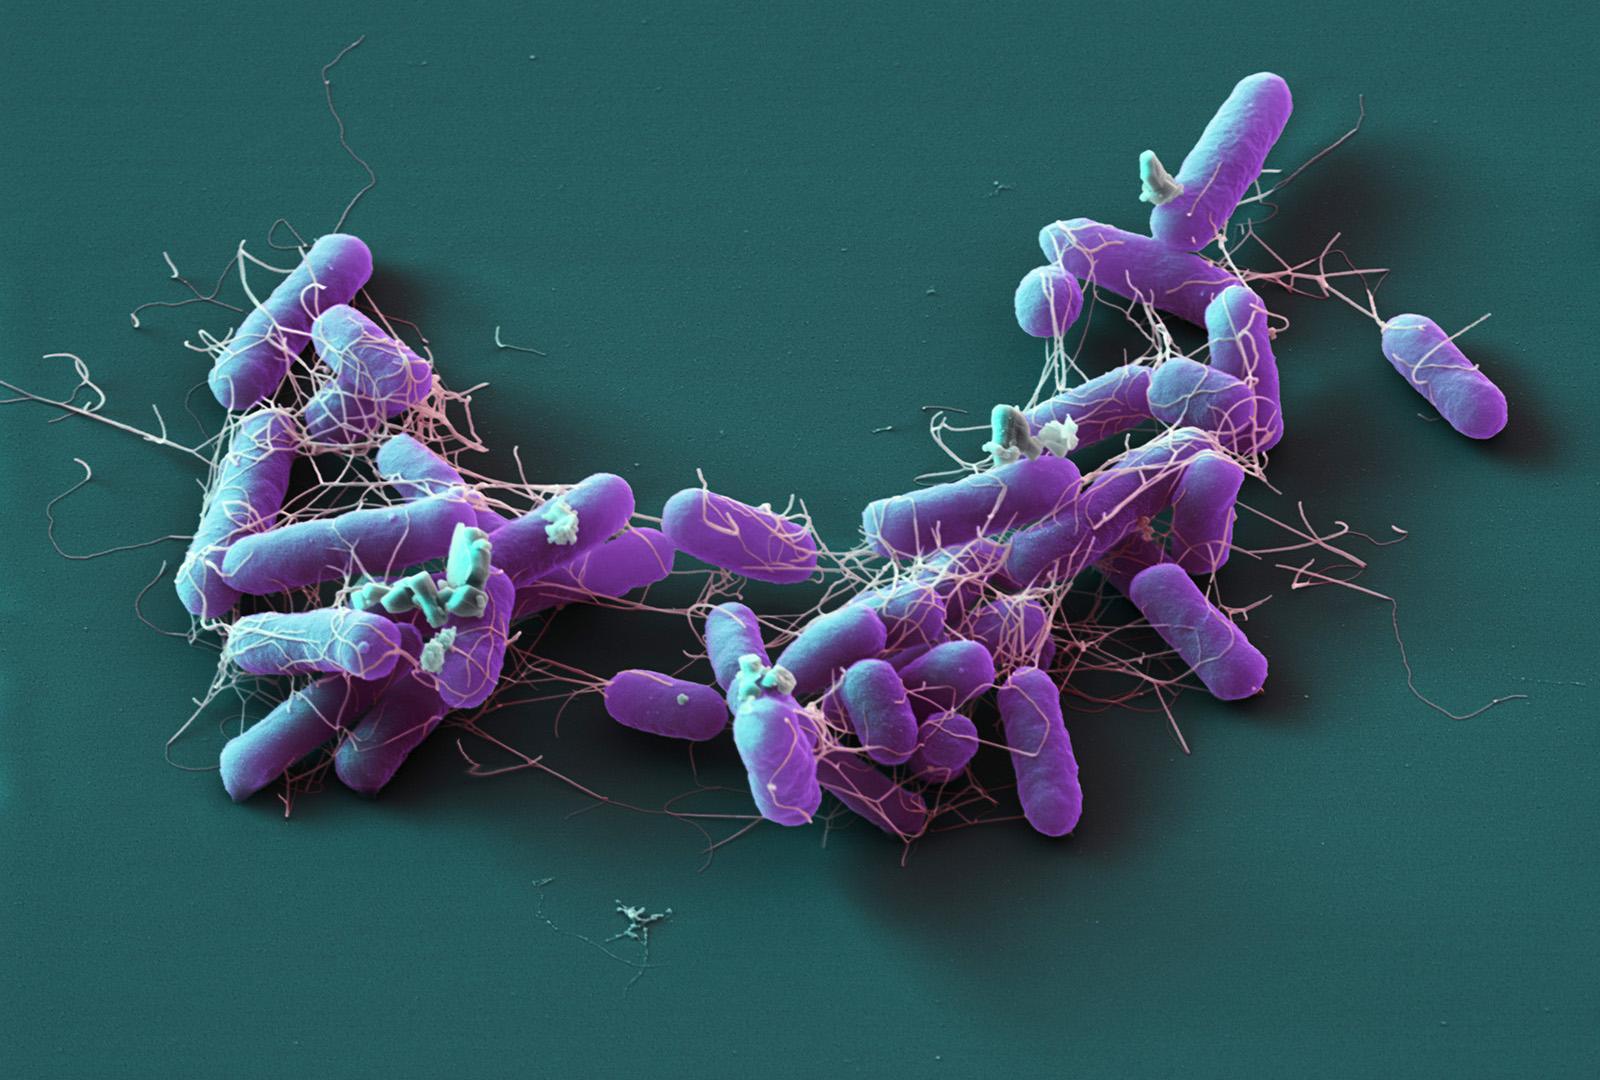 Salmonella enterica, 11 000:1